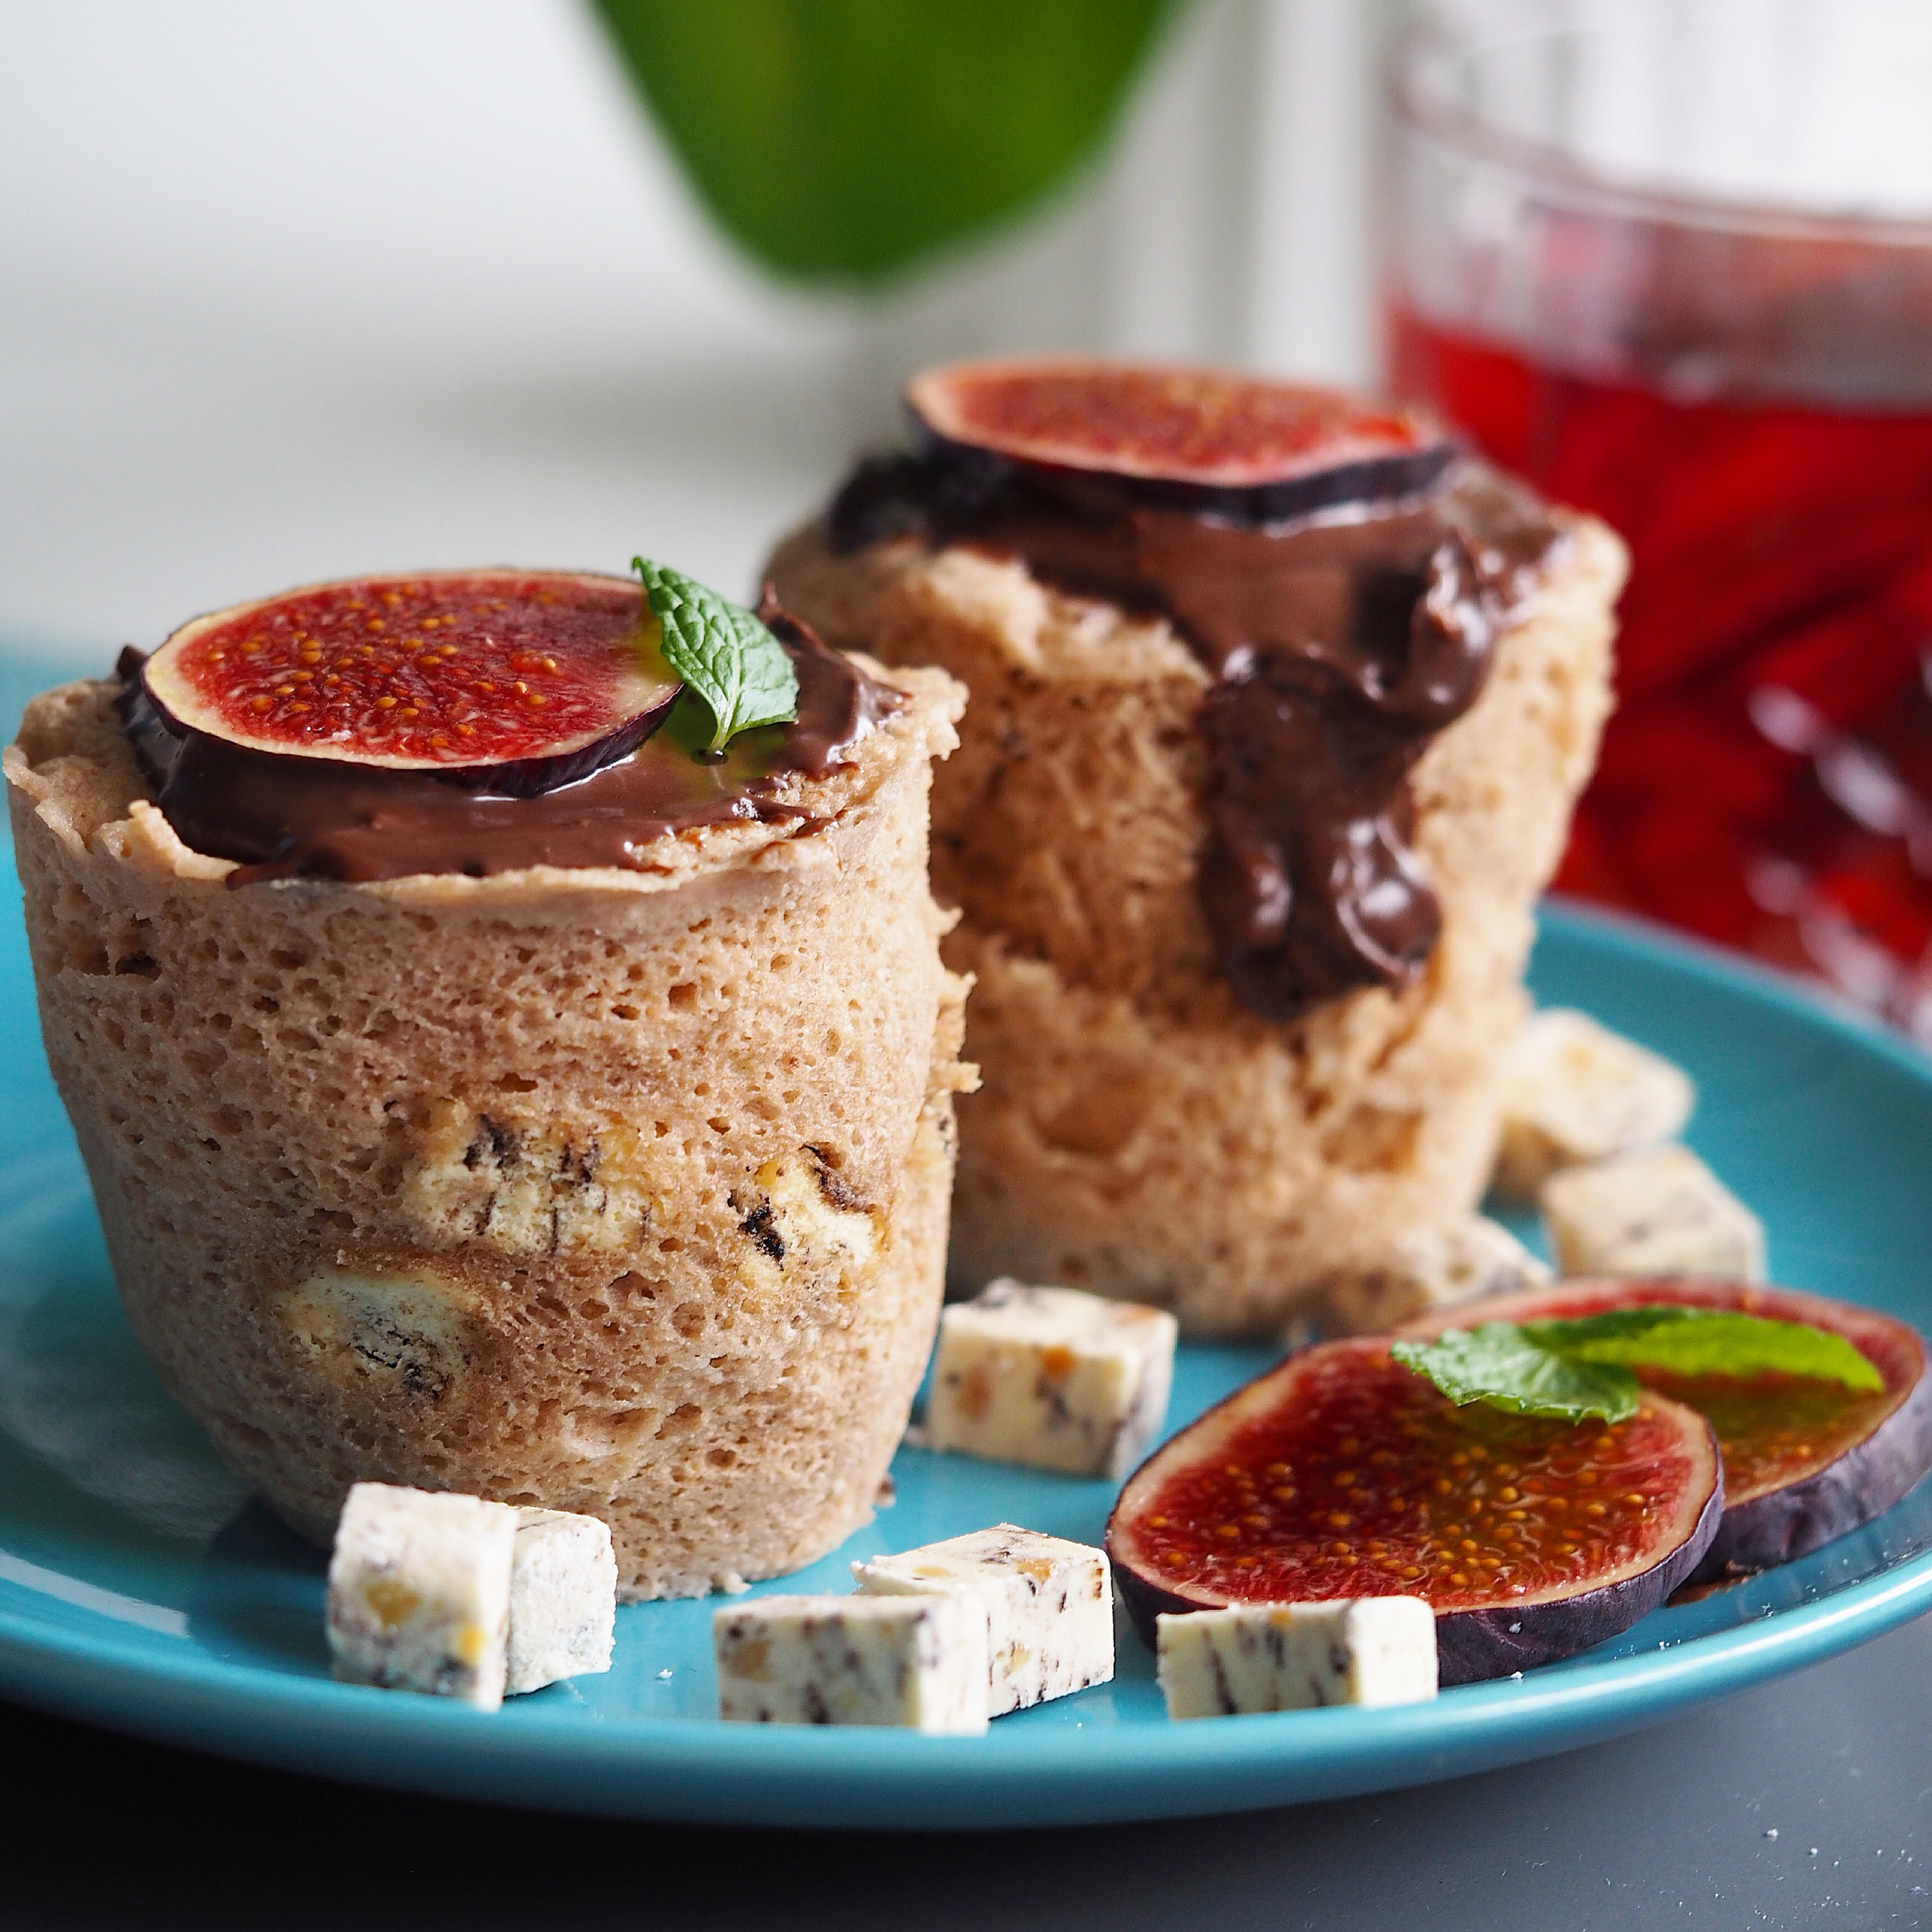 Mug cake Sukkerfri Nemmeste Kop kage Lækreste Svampet Svampede Blog Opskrift Kage på 3 minutter